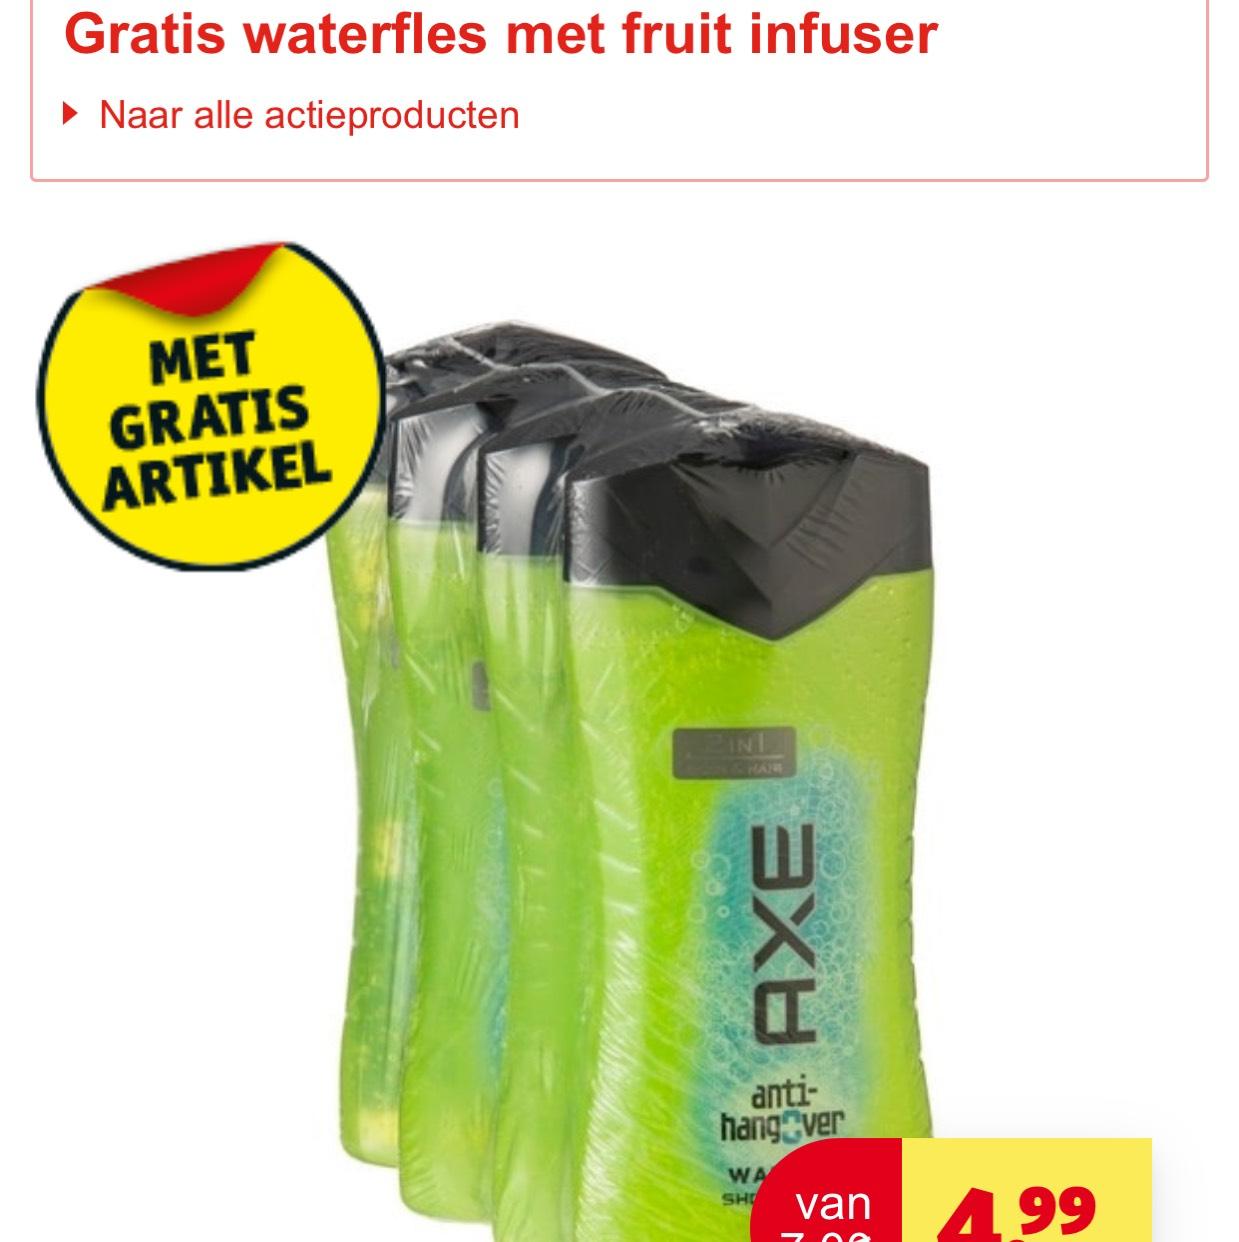 Axe douche multipack 4x - Kruidvat - 20% extra korting